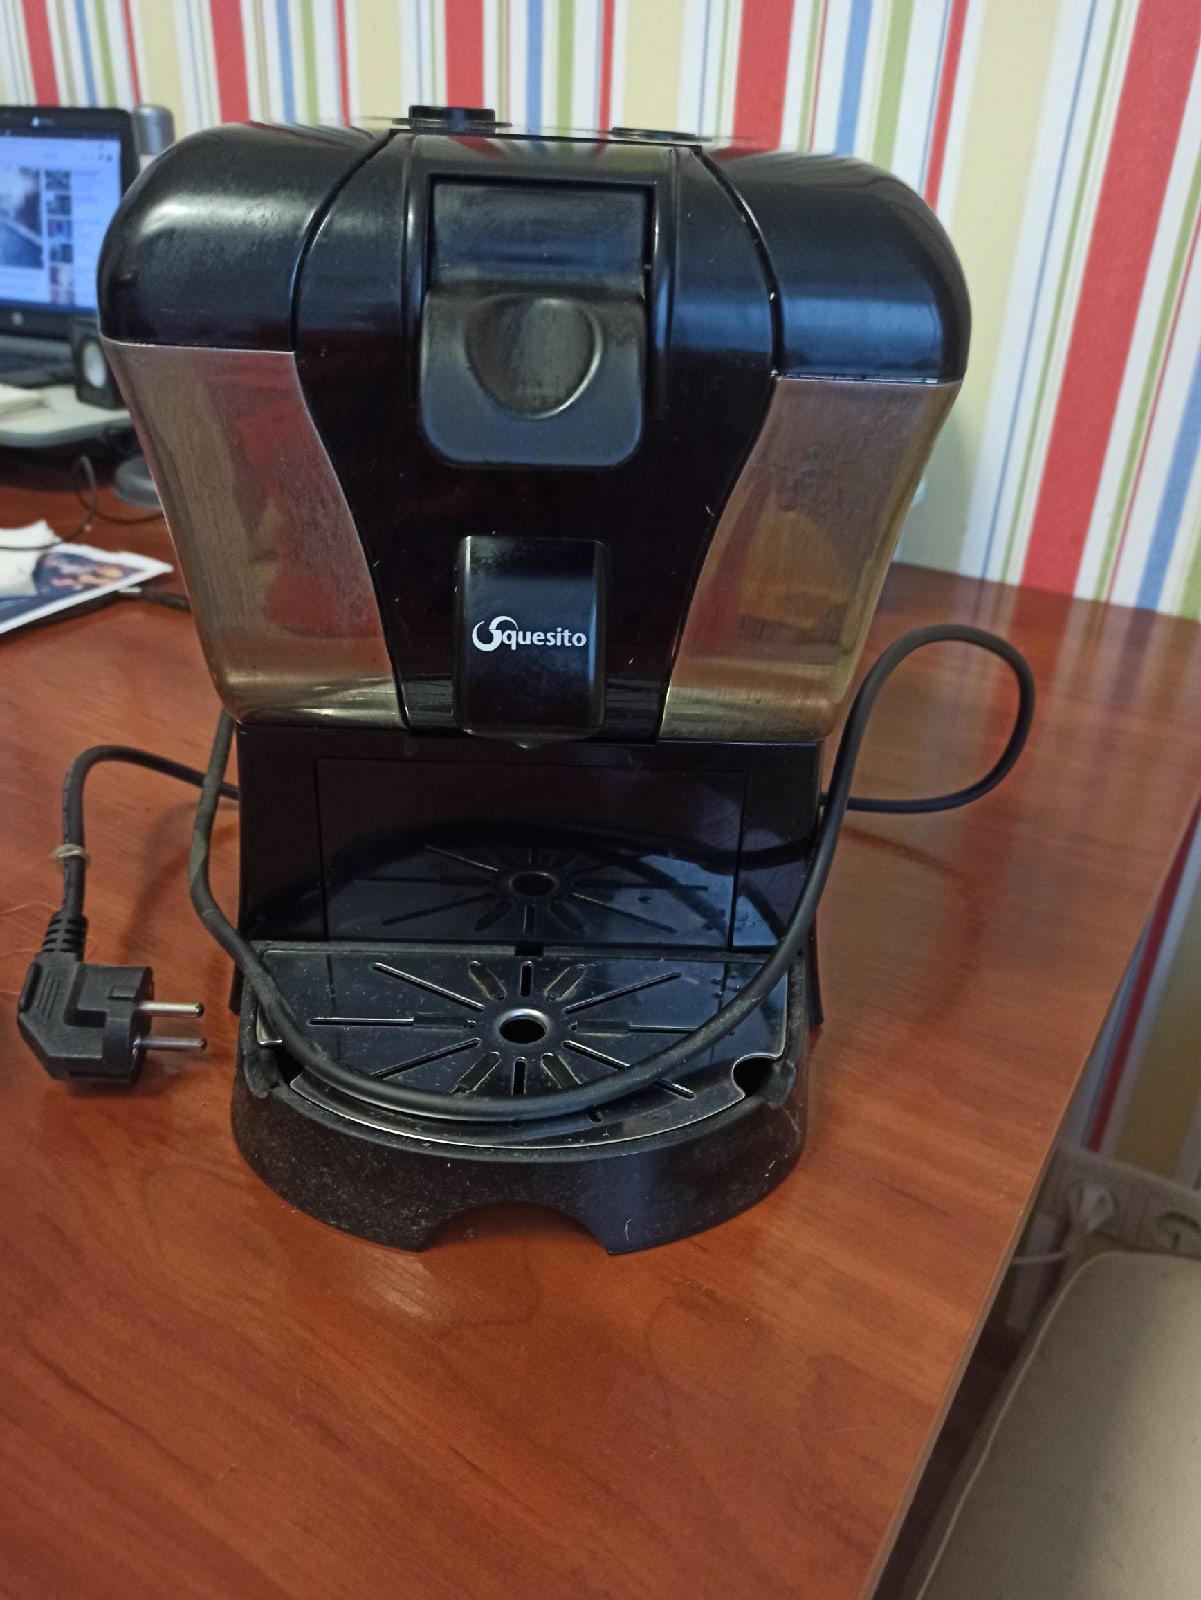 Капсульная кофемашина Squesito.